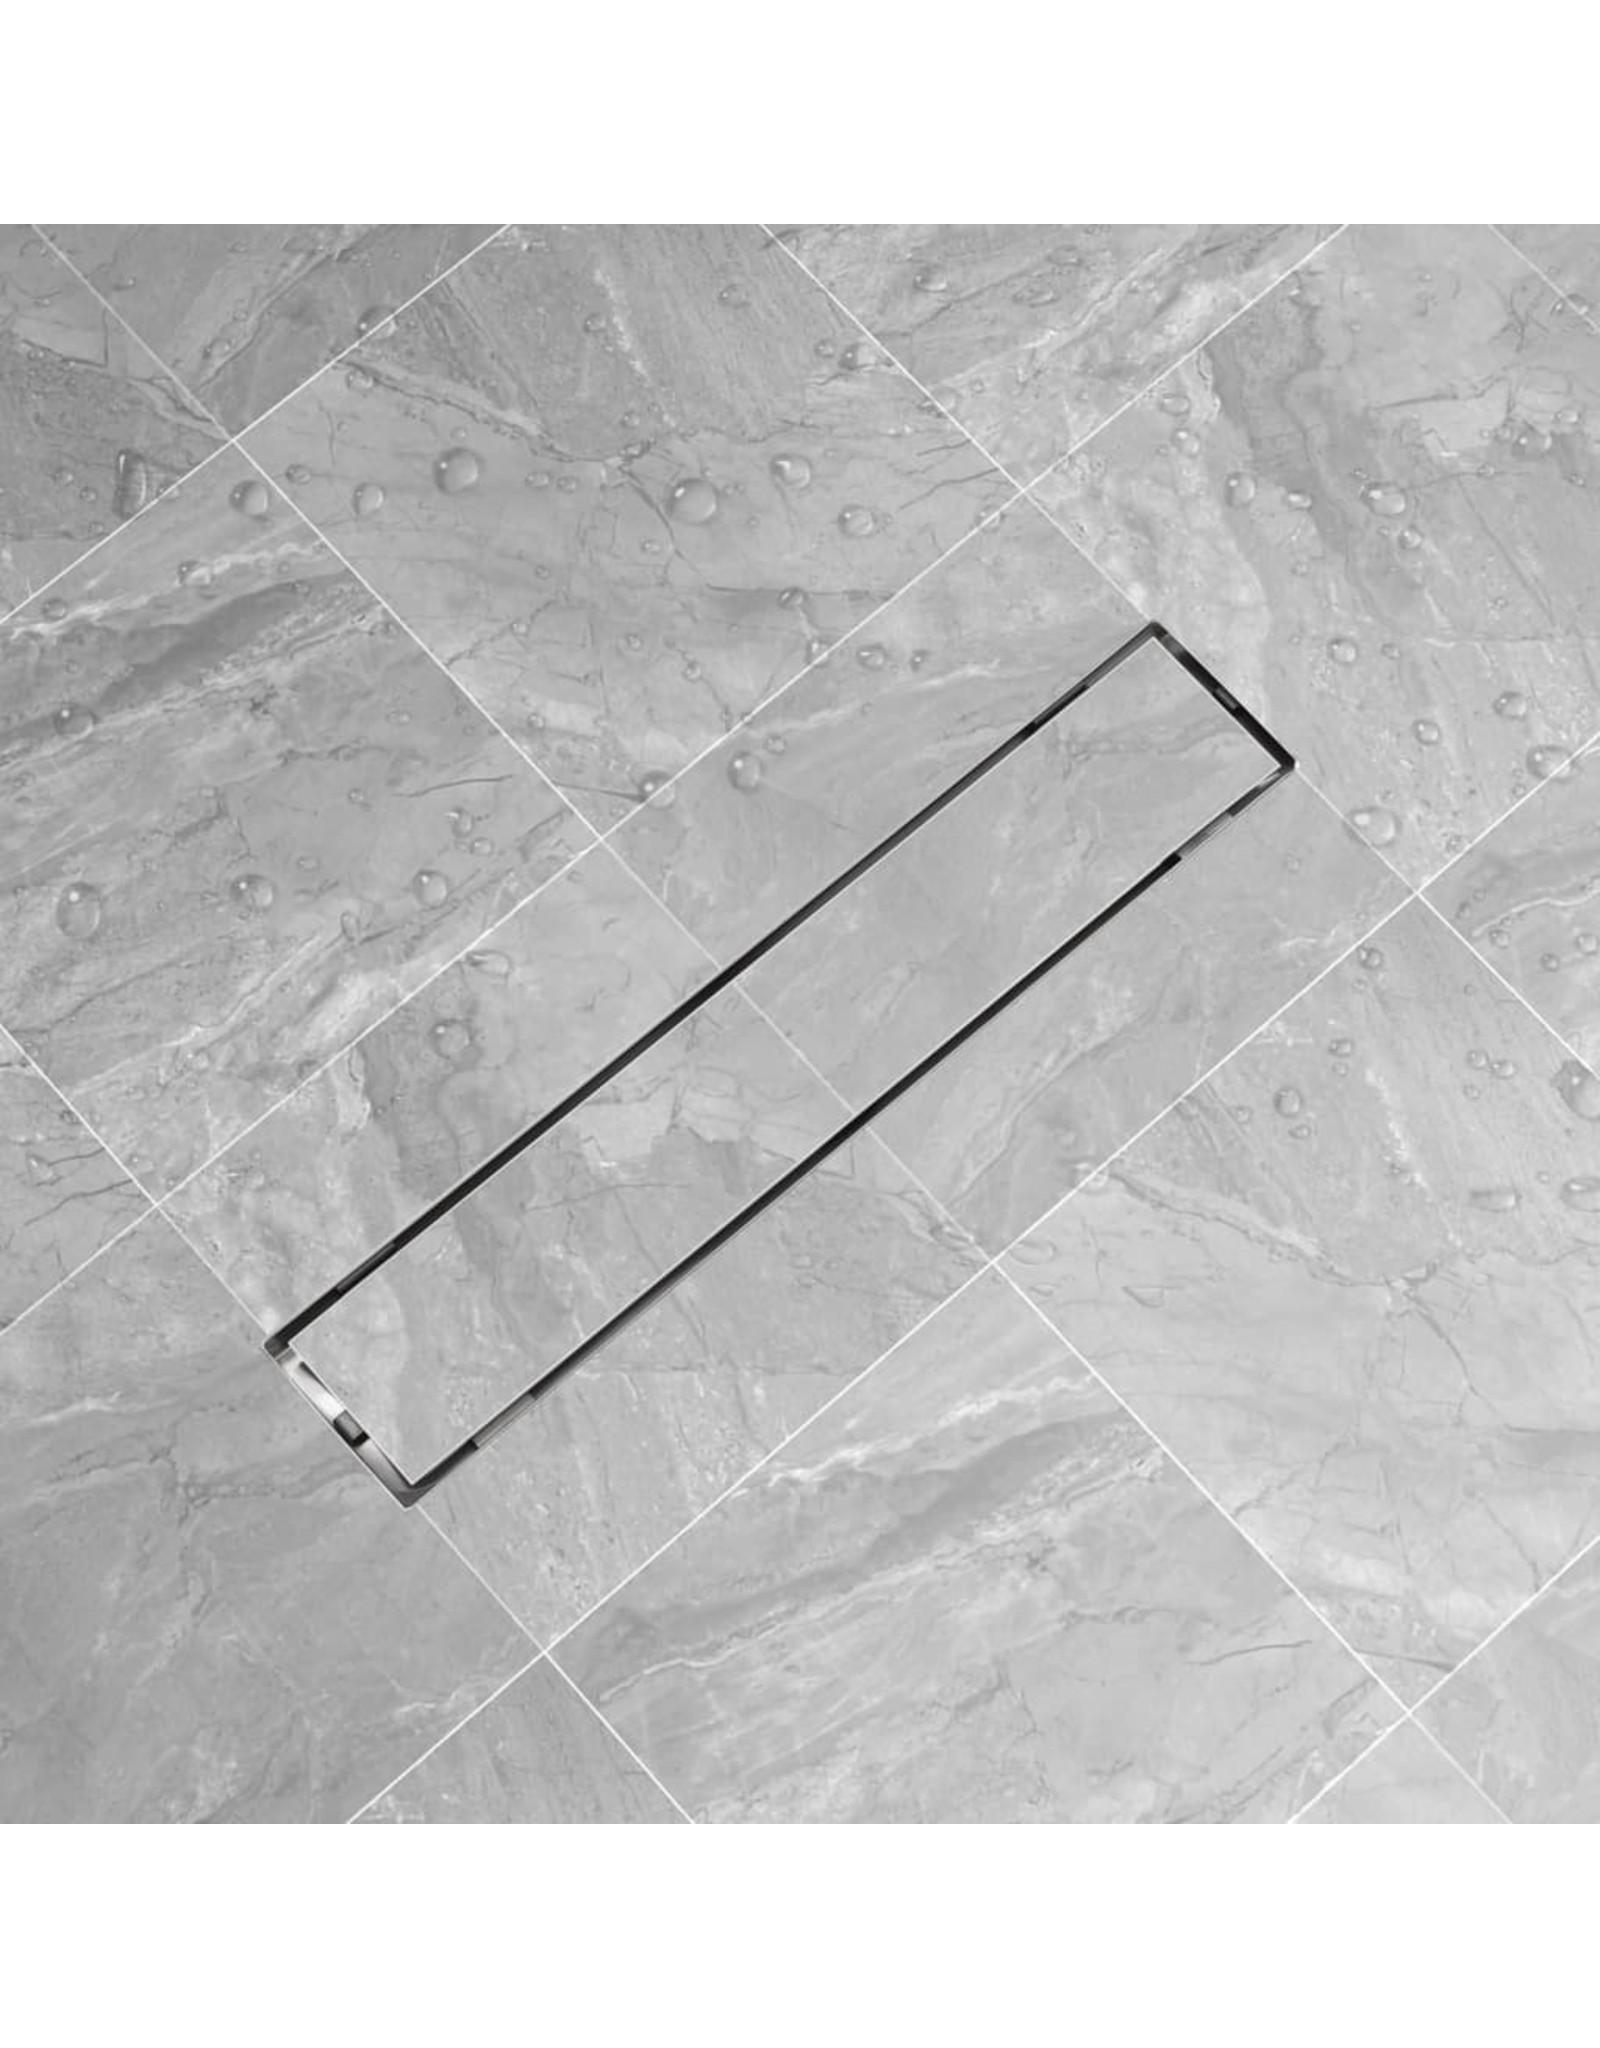 Doucheputje rechthoekig 630x140 mm roestvrij staal